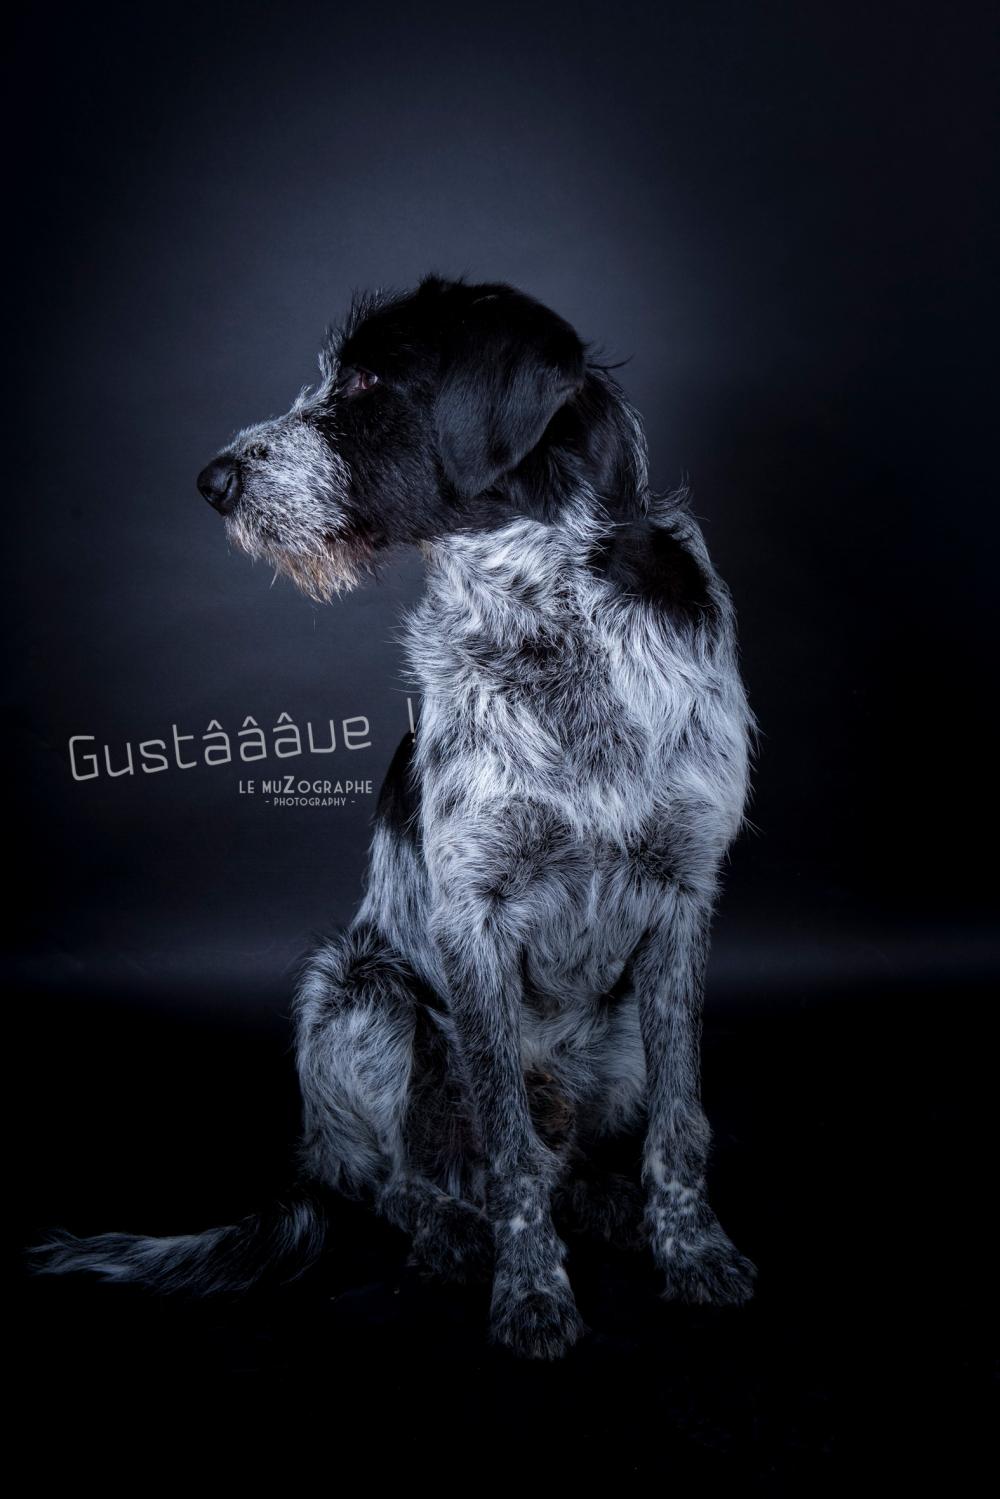 Gus gche19